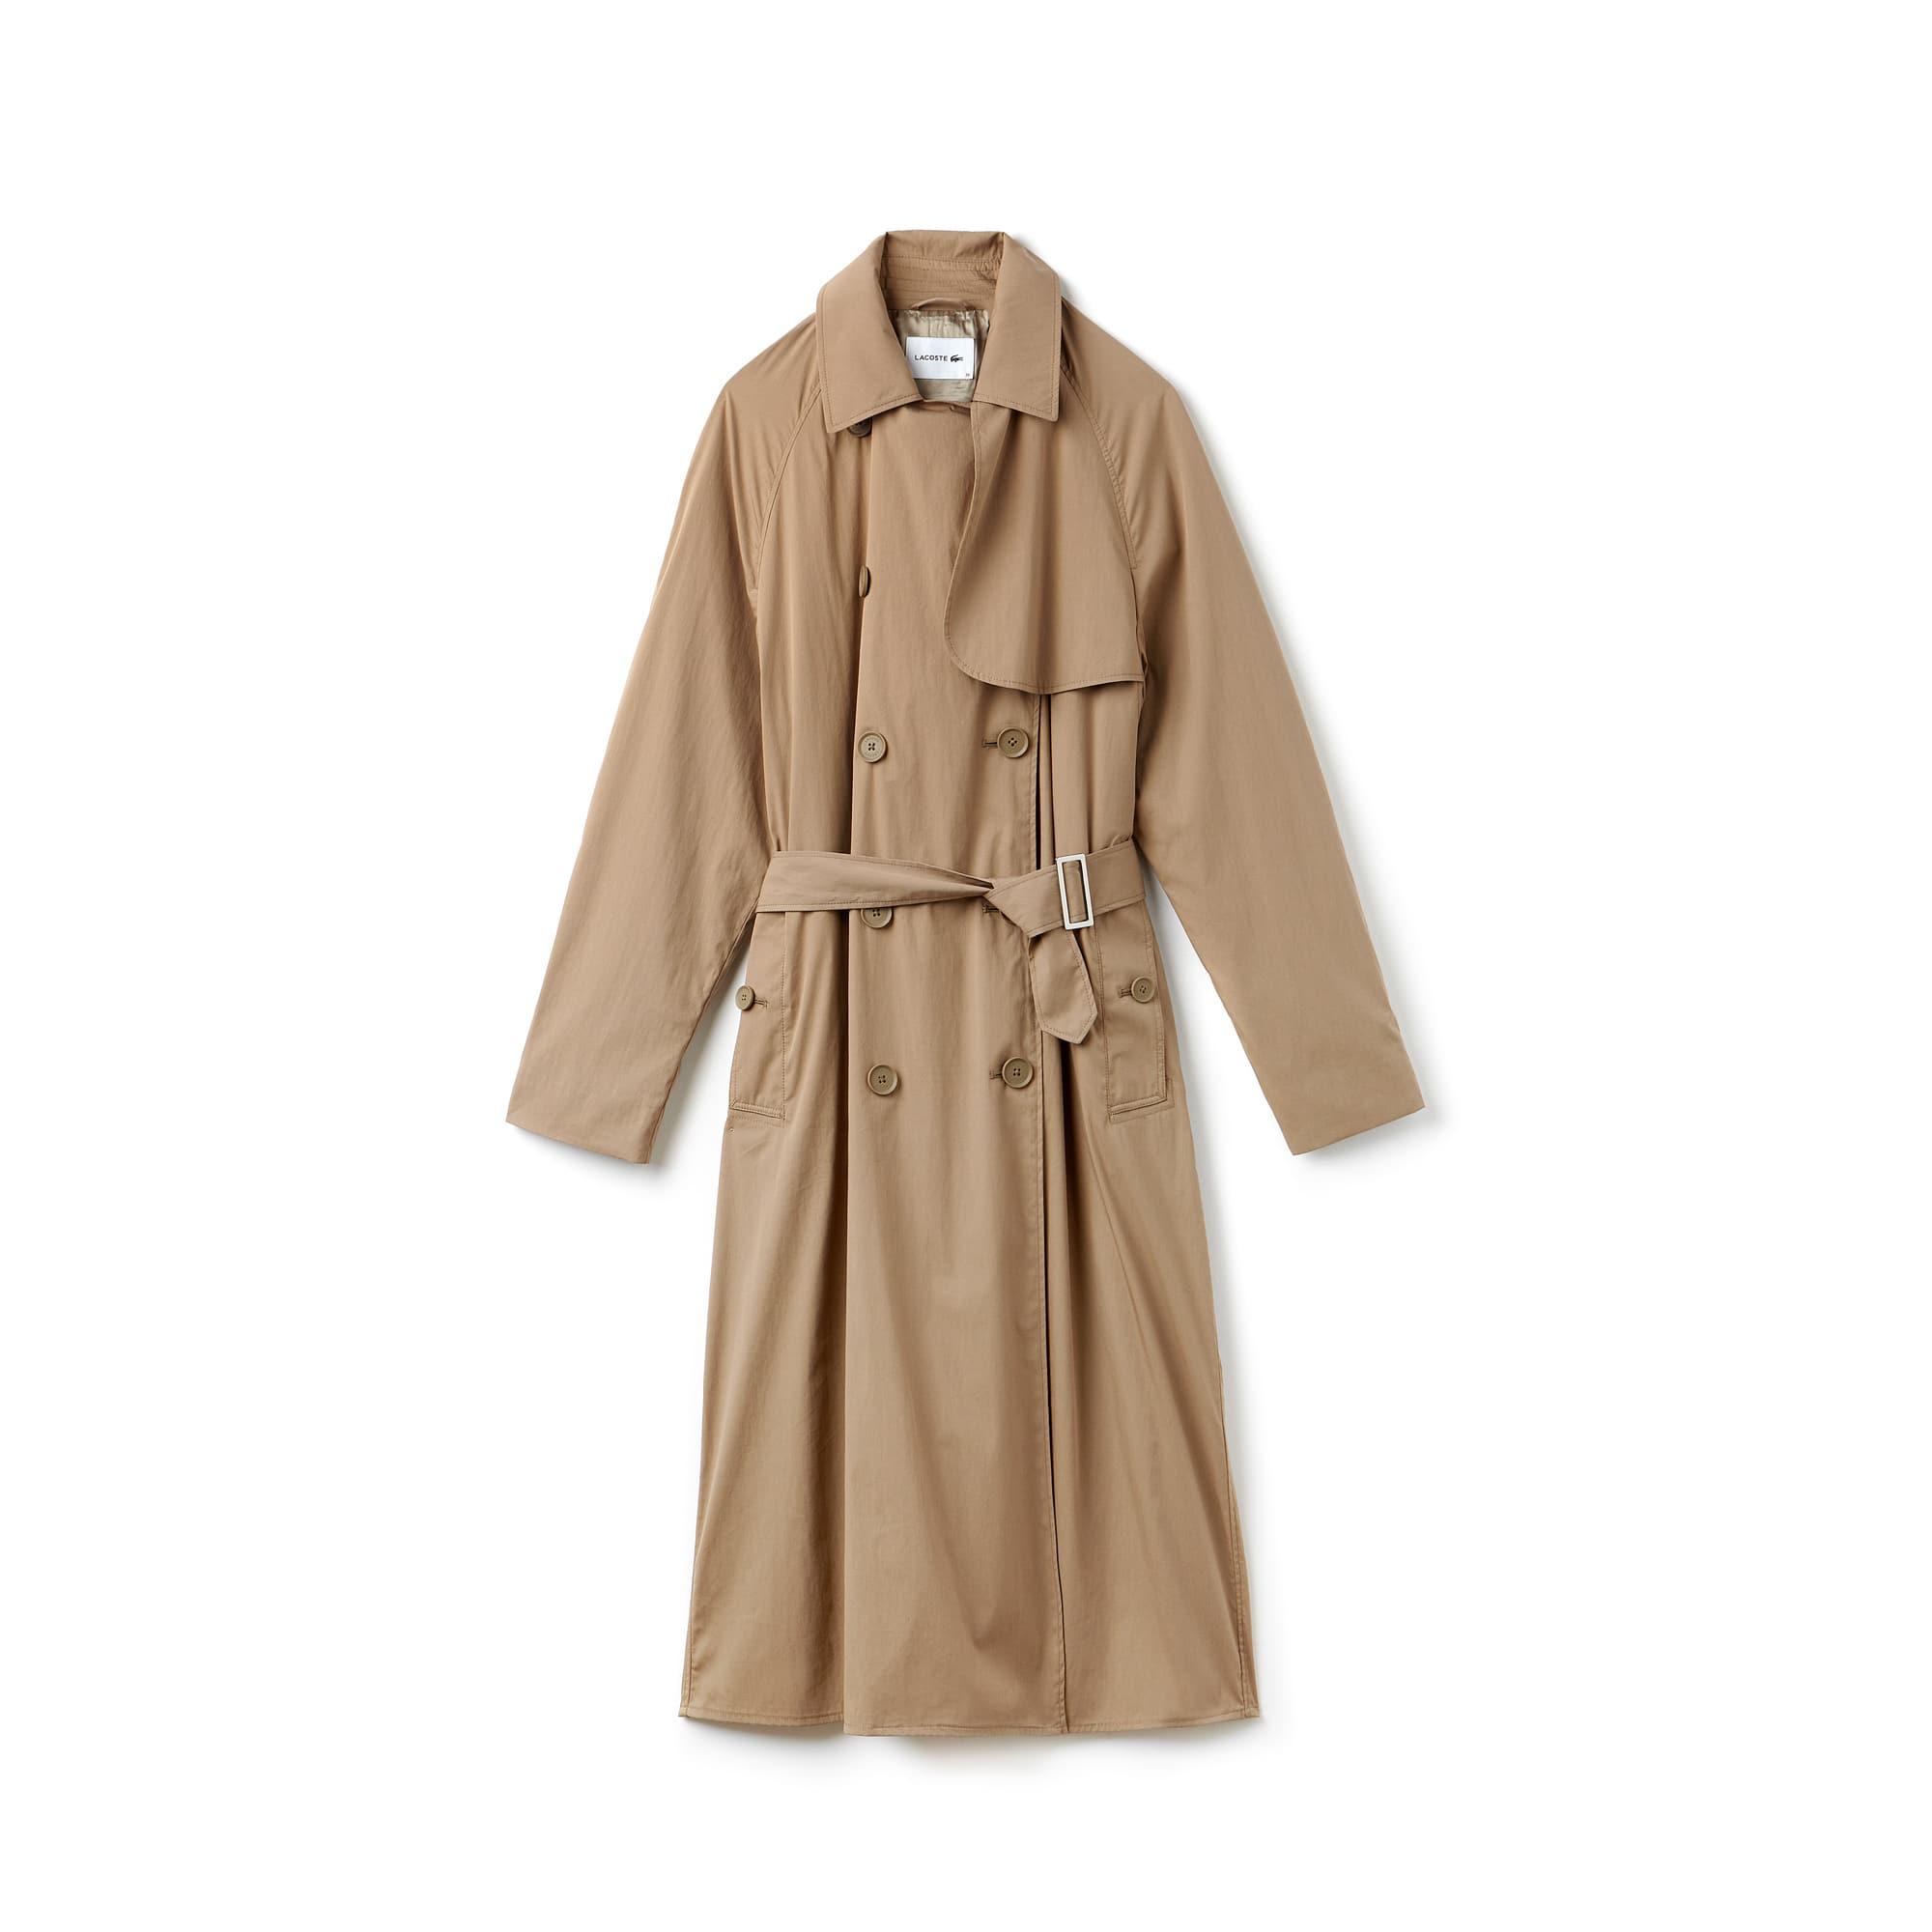 Damen-Trenchcoat im Wickeldesign aus Mikrofaser mit Gürtel